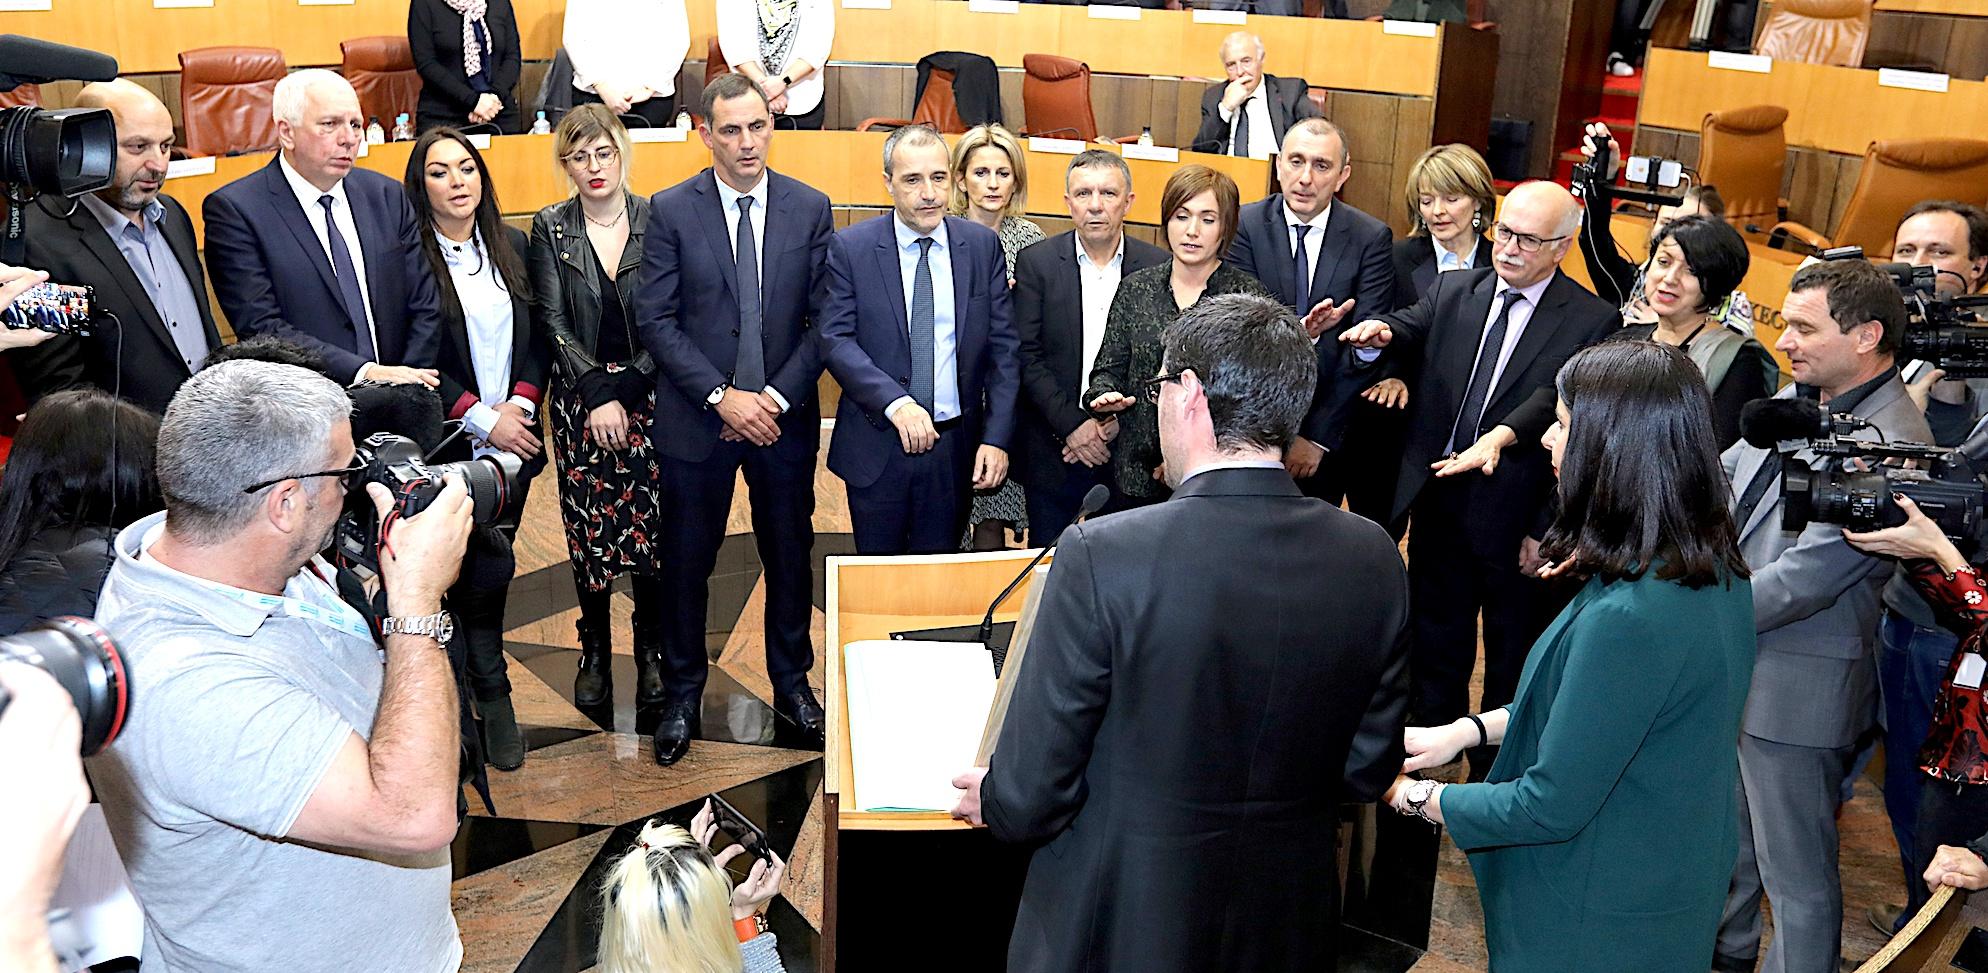 Le serment des membres de l'Exécutif et du président de l'Assemblée de Corse (Photos Marilyne Santi)